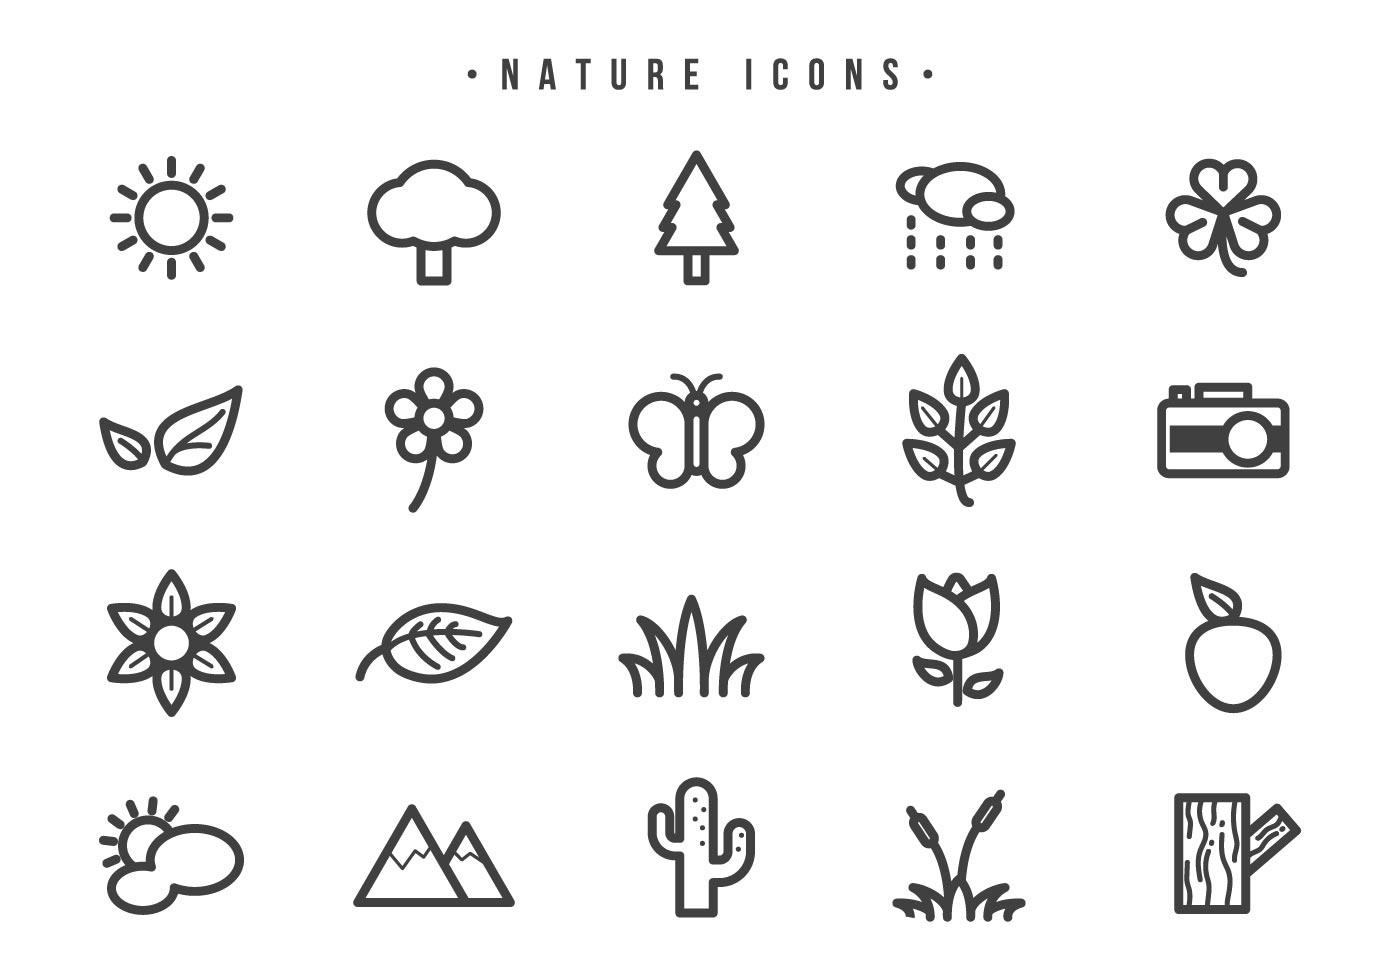 Free Nature Vectors